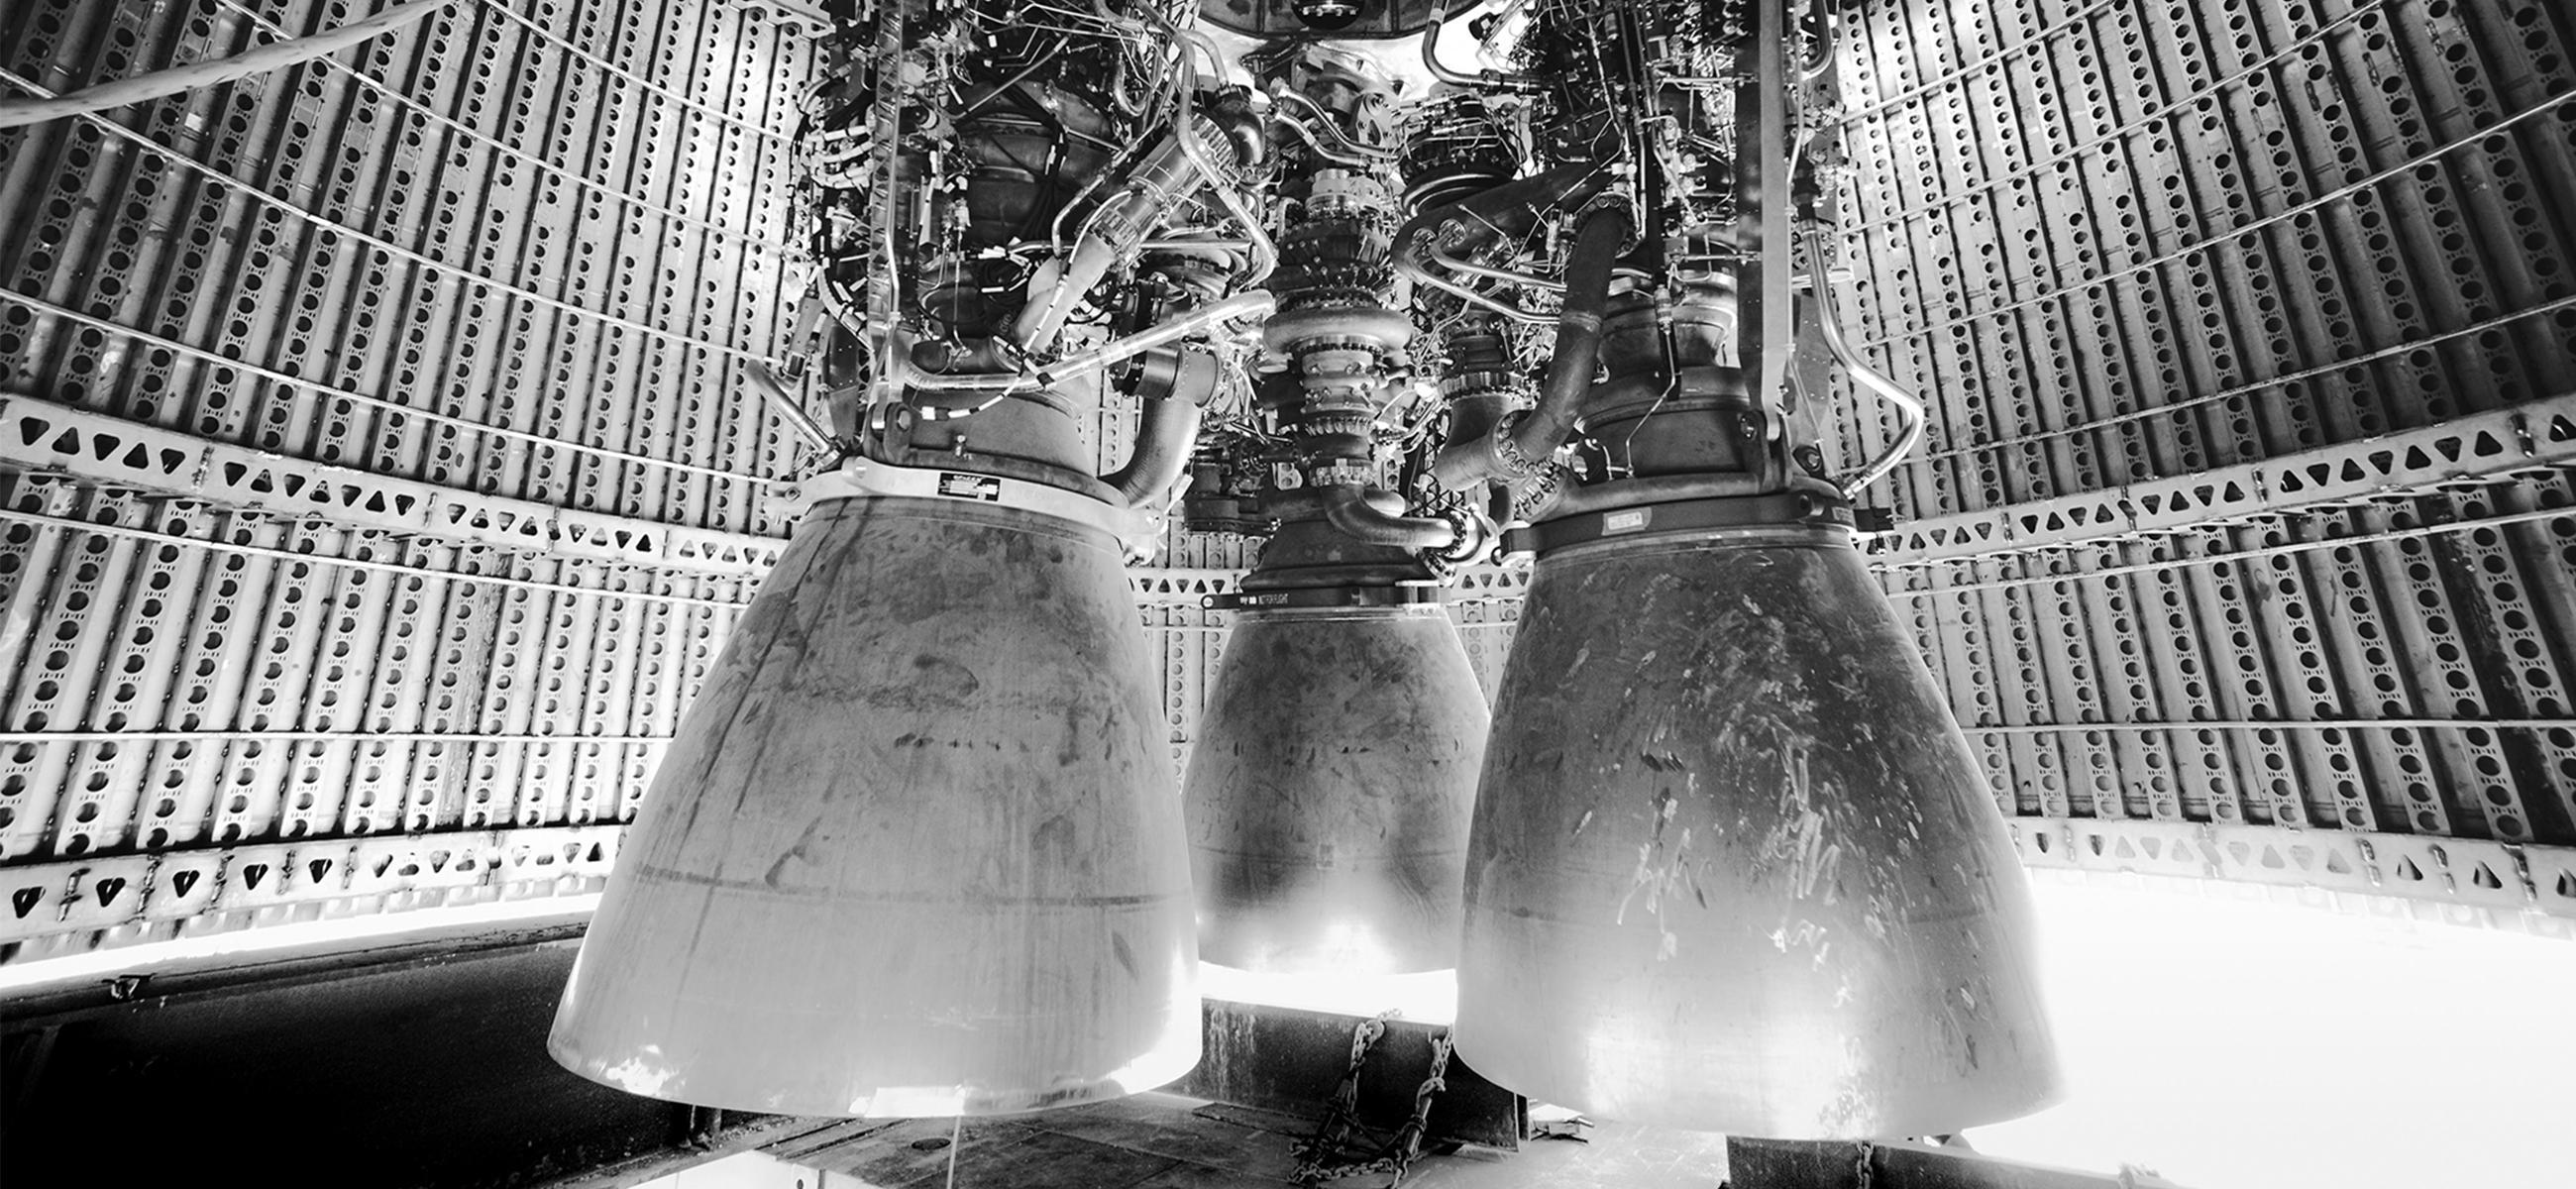 Starship med tre Raptor-motorer.